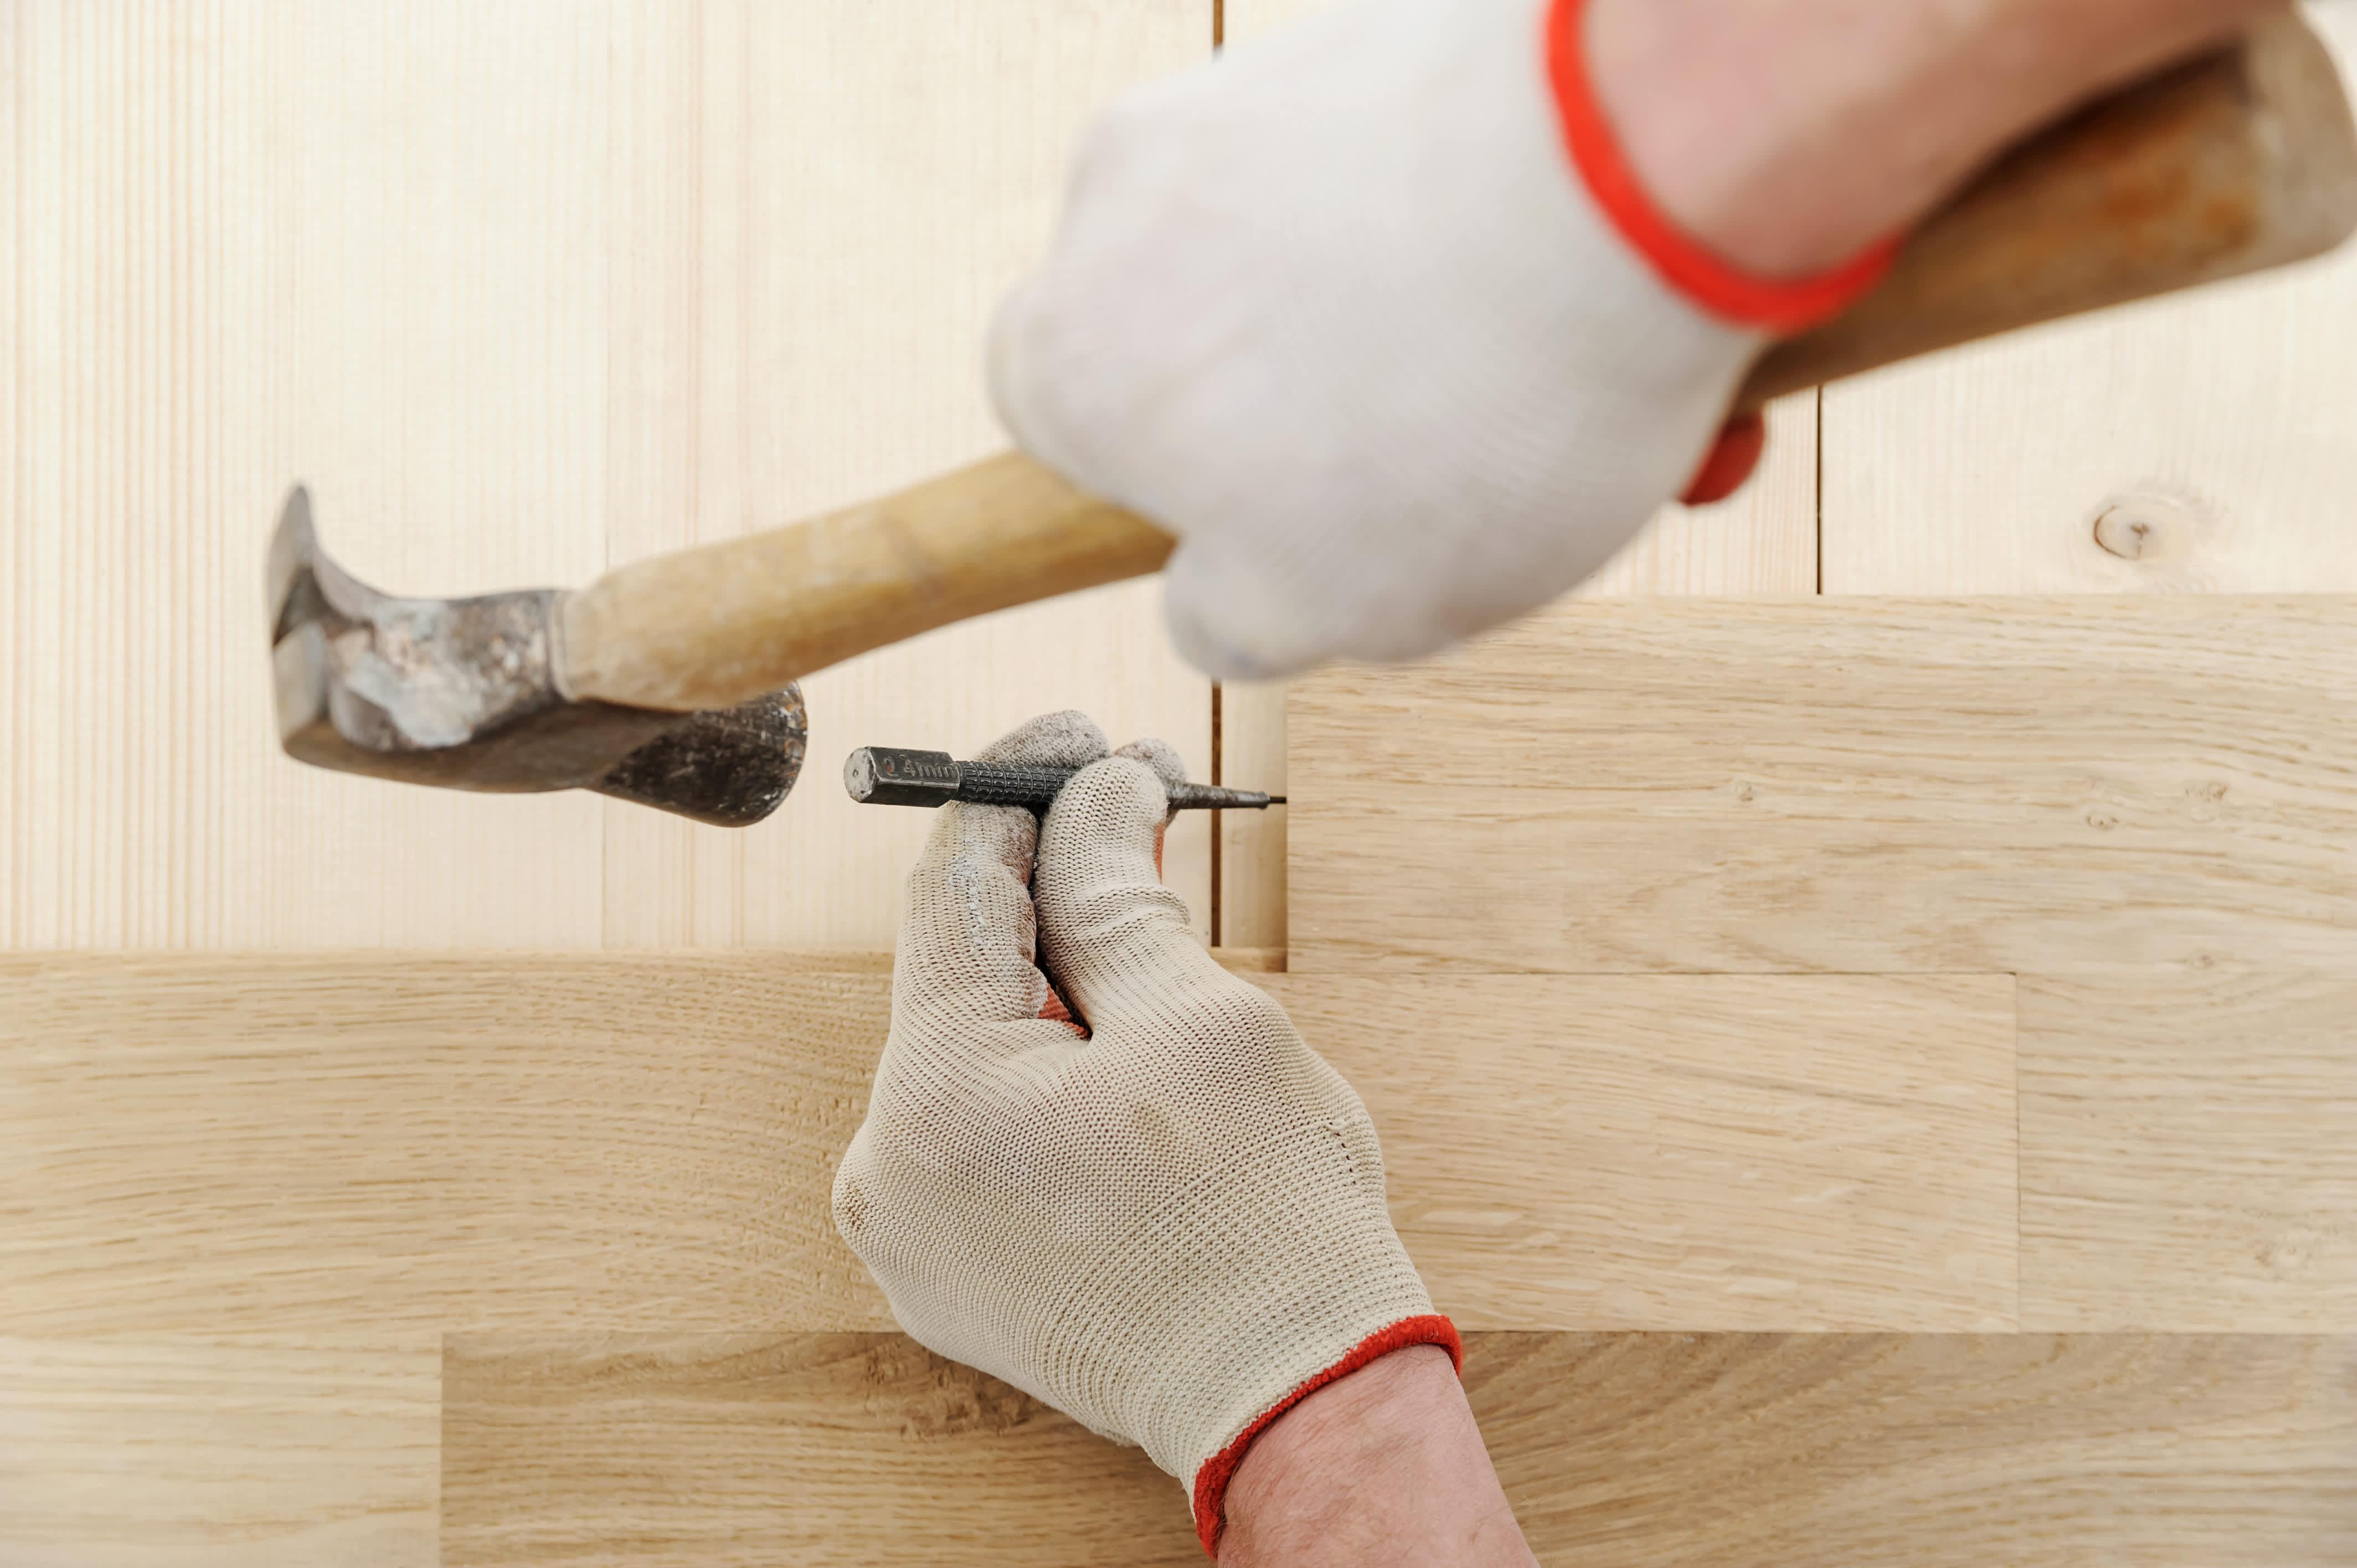 Wooden Floor Repairing